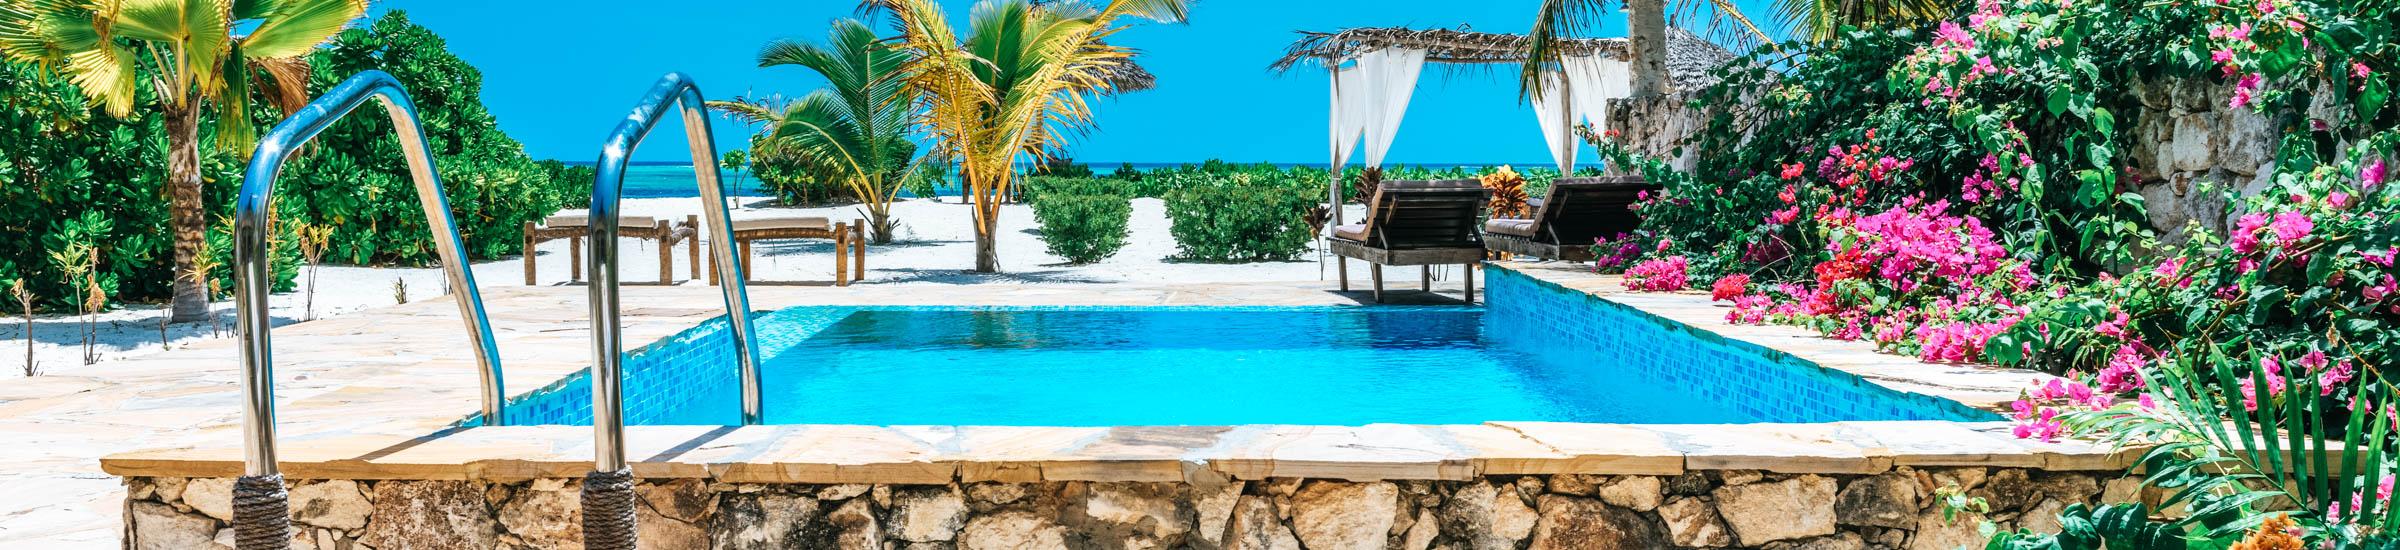 Pool mit Liegewiesen, Palmen und blühenden Büschen